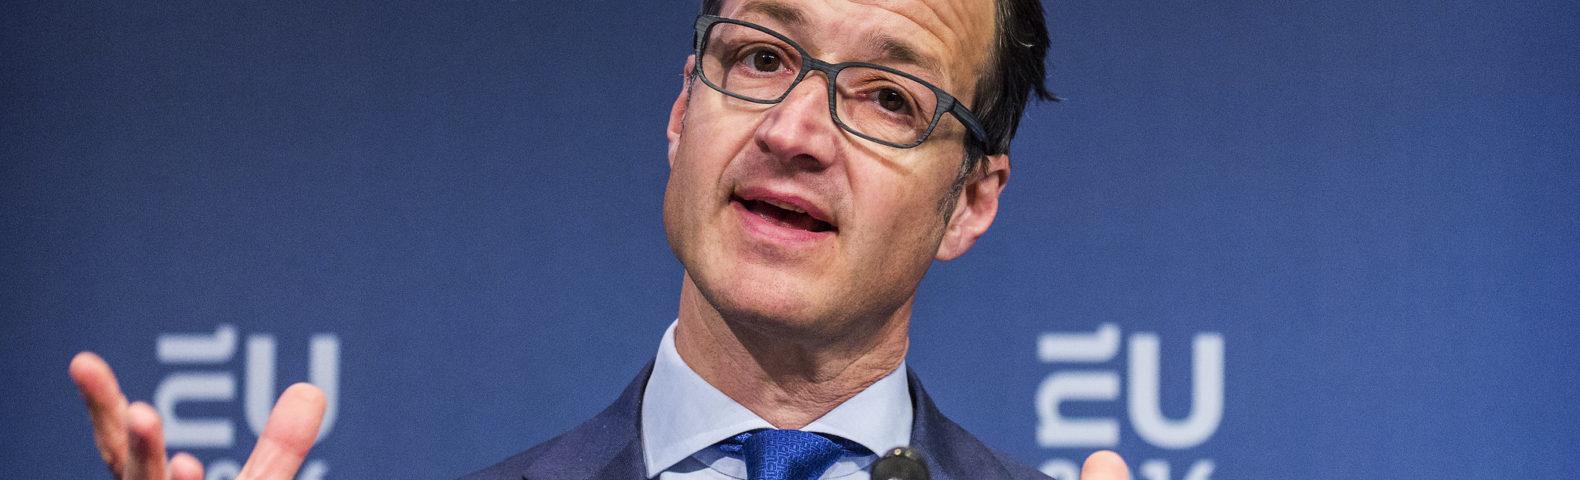 Minister Wiebes zet aanval op gezin in: alle moeders voltijds aan de slag